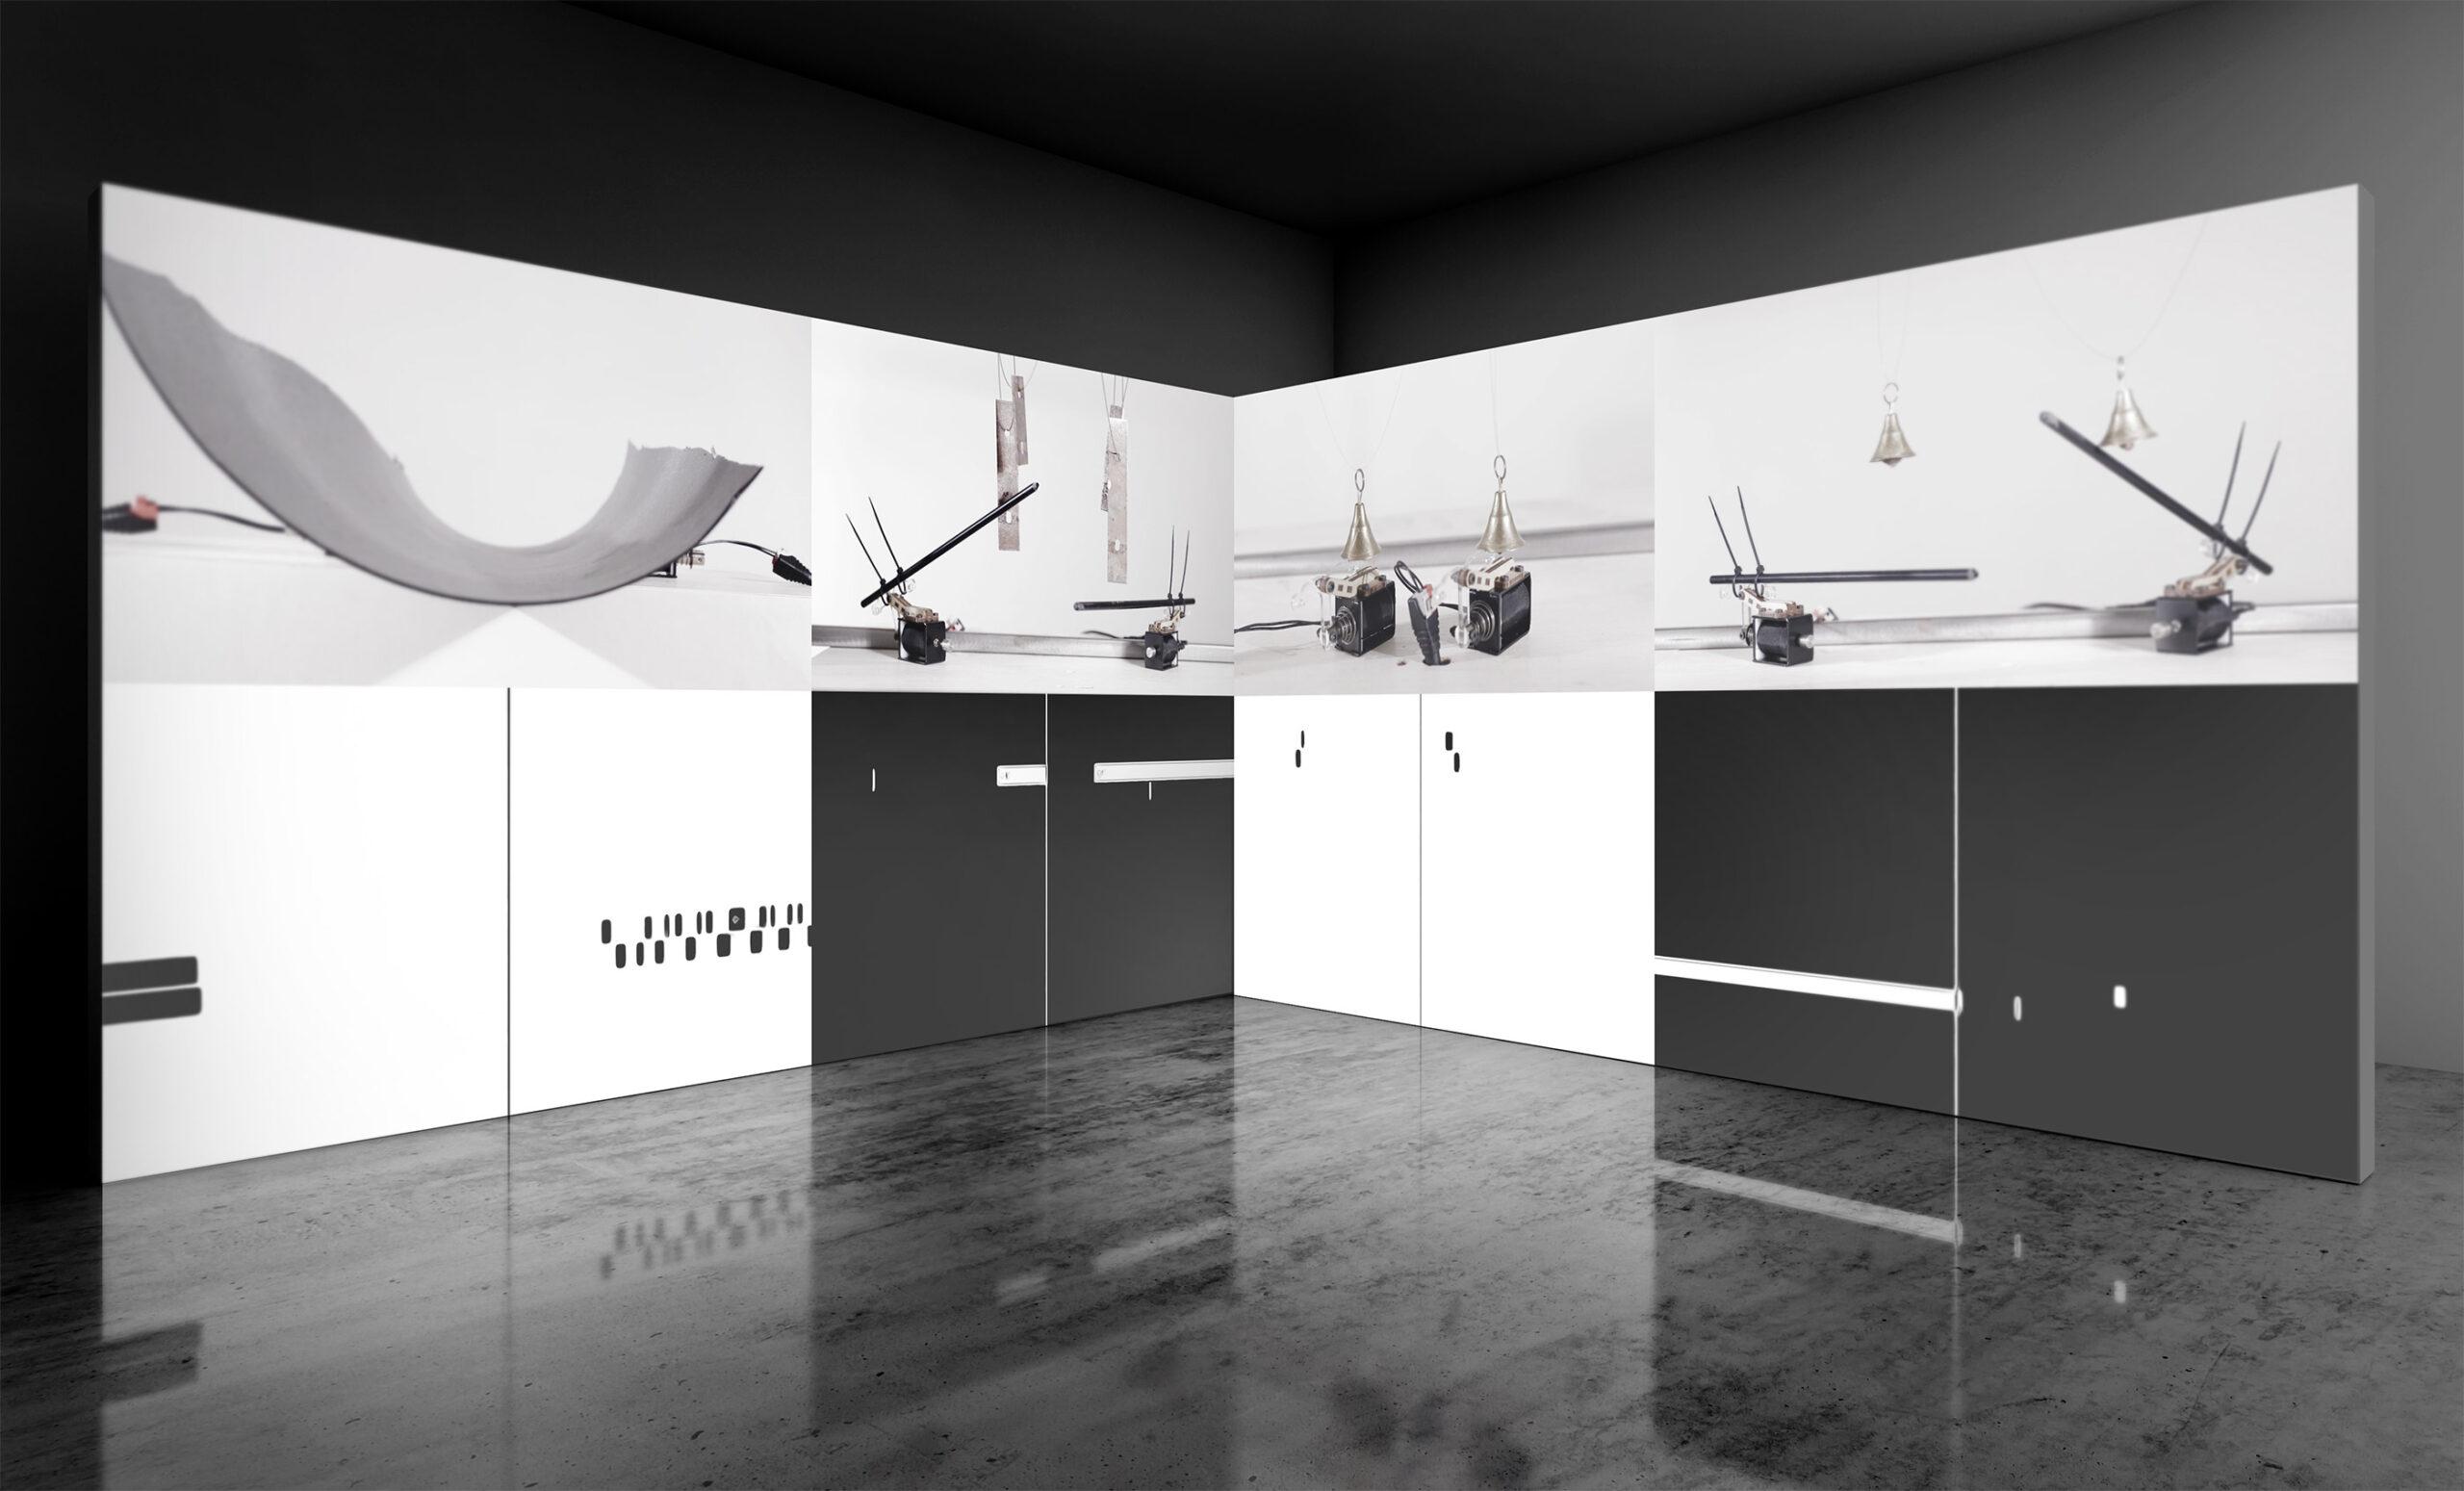 Jacek Doroszenko, Metascore of new gestures - video, exhibition 01